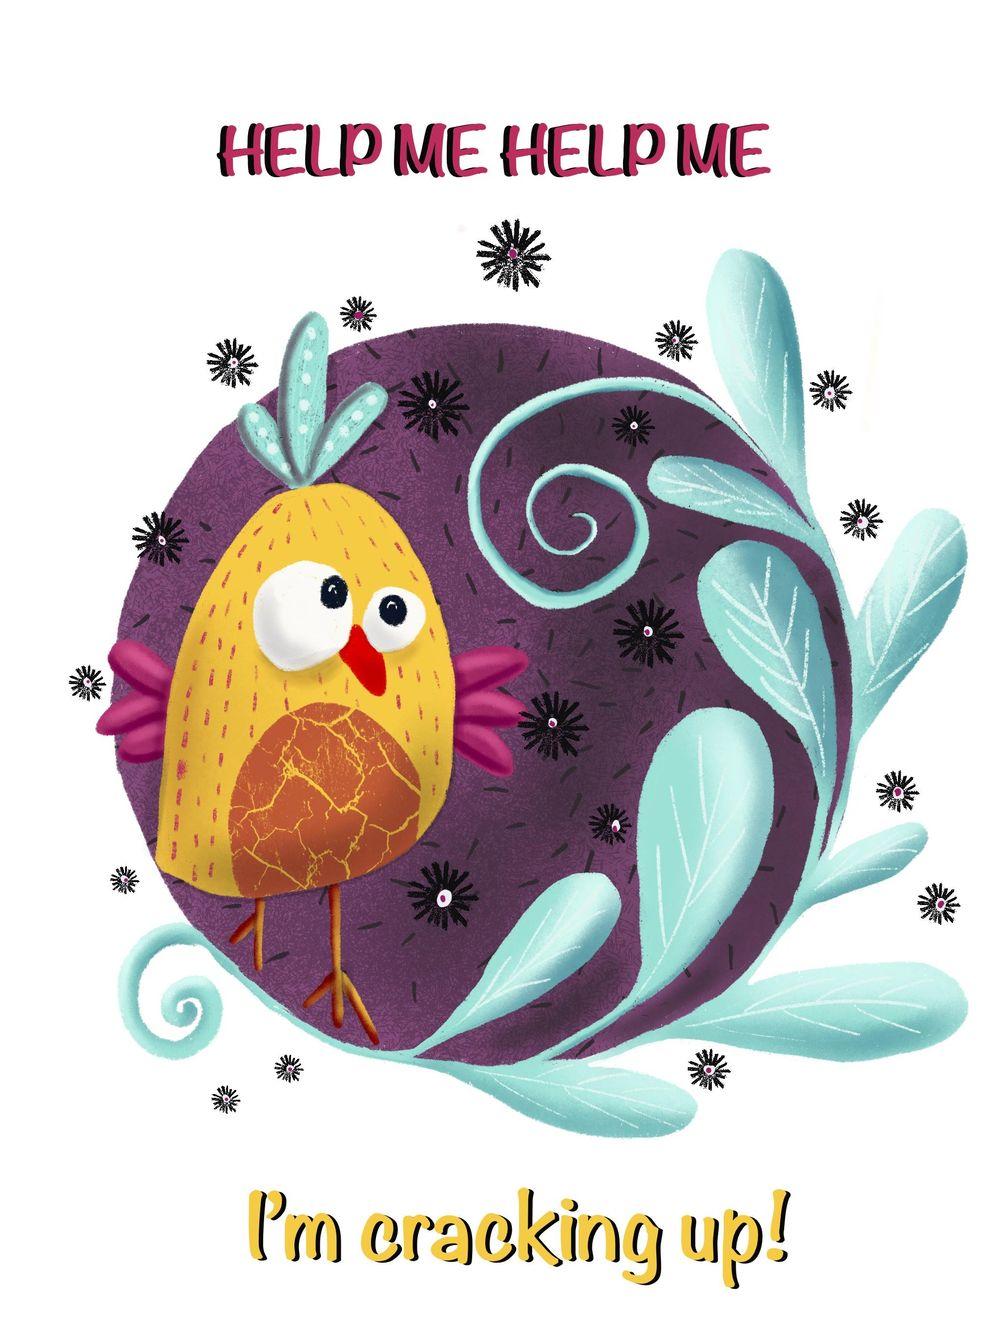 Poor little birdie - image 1 - student project